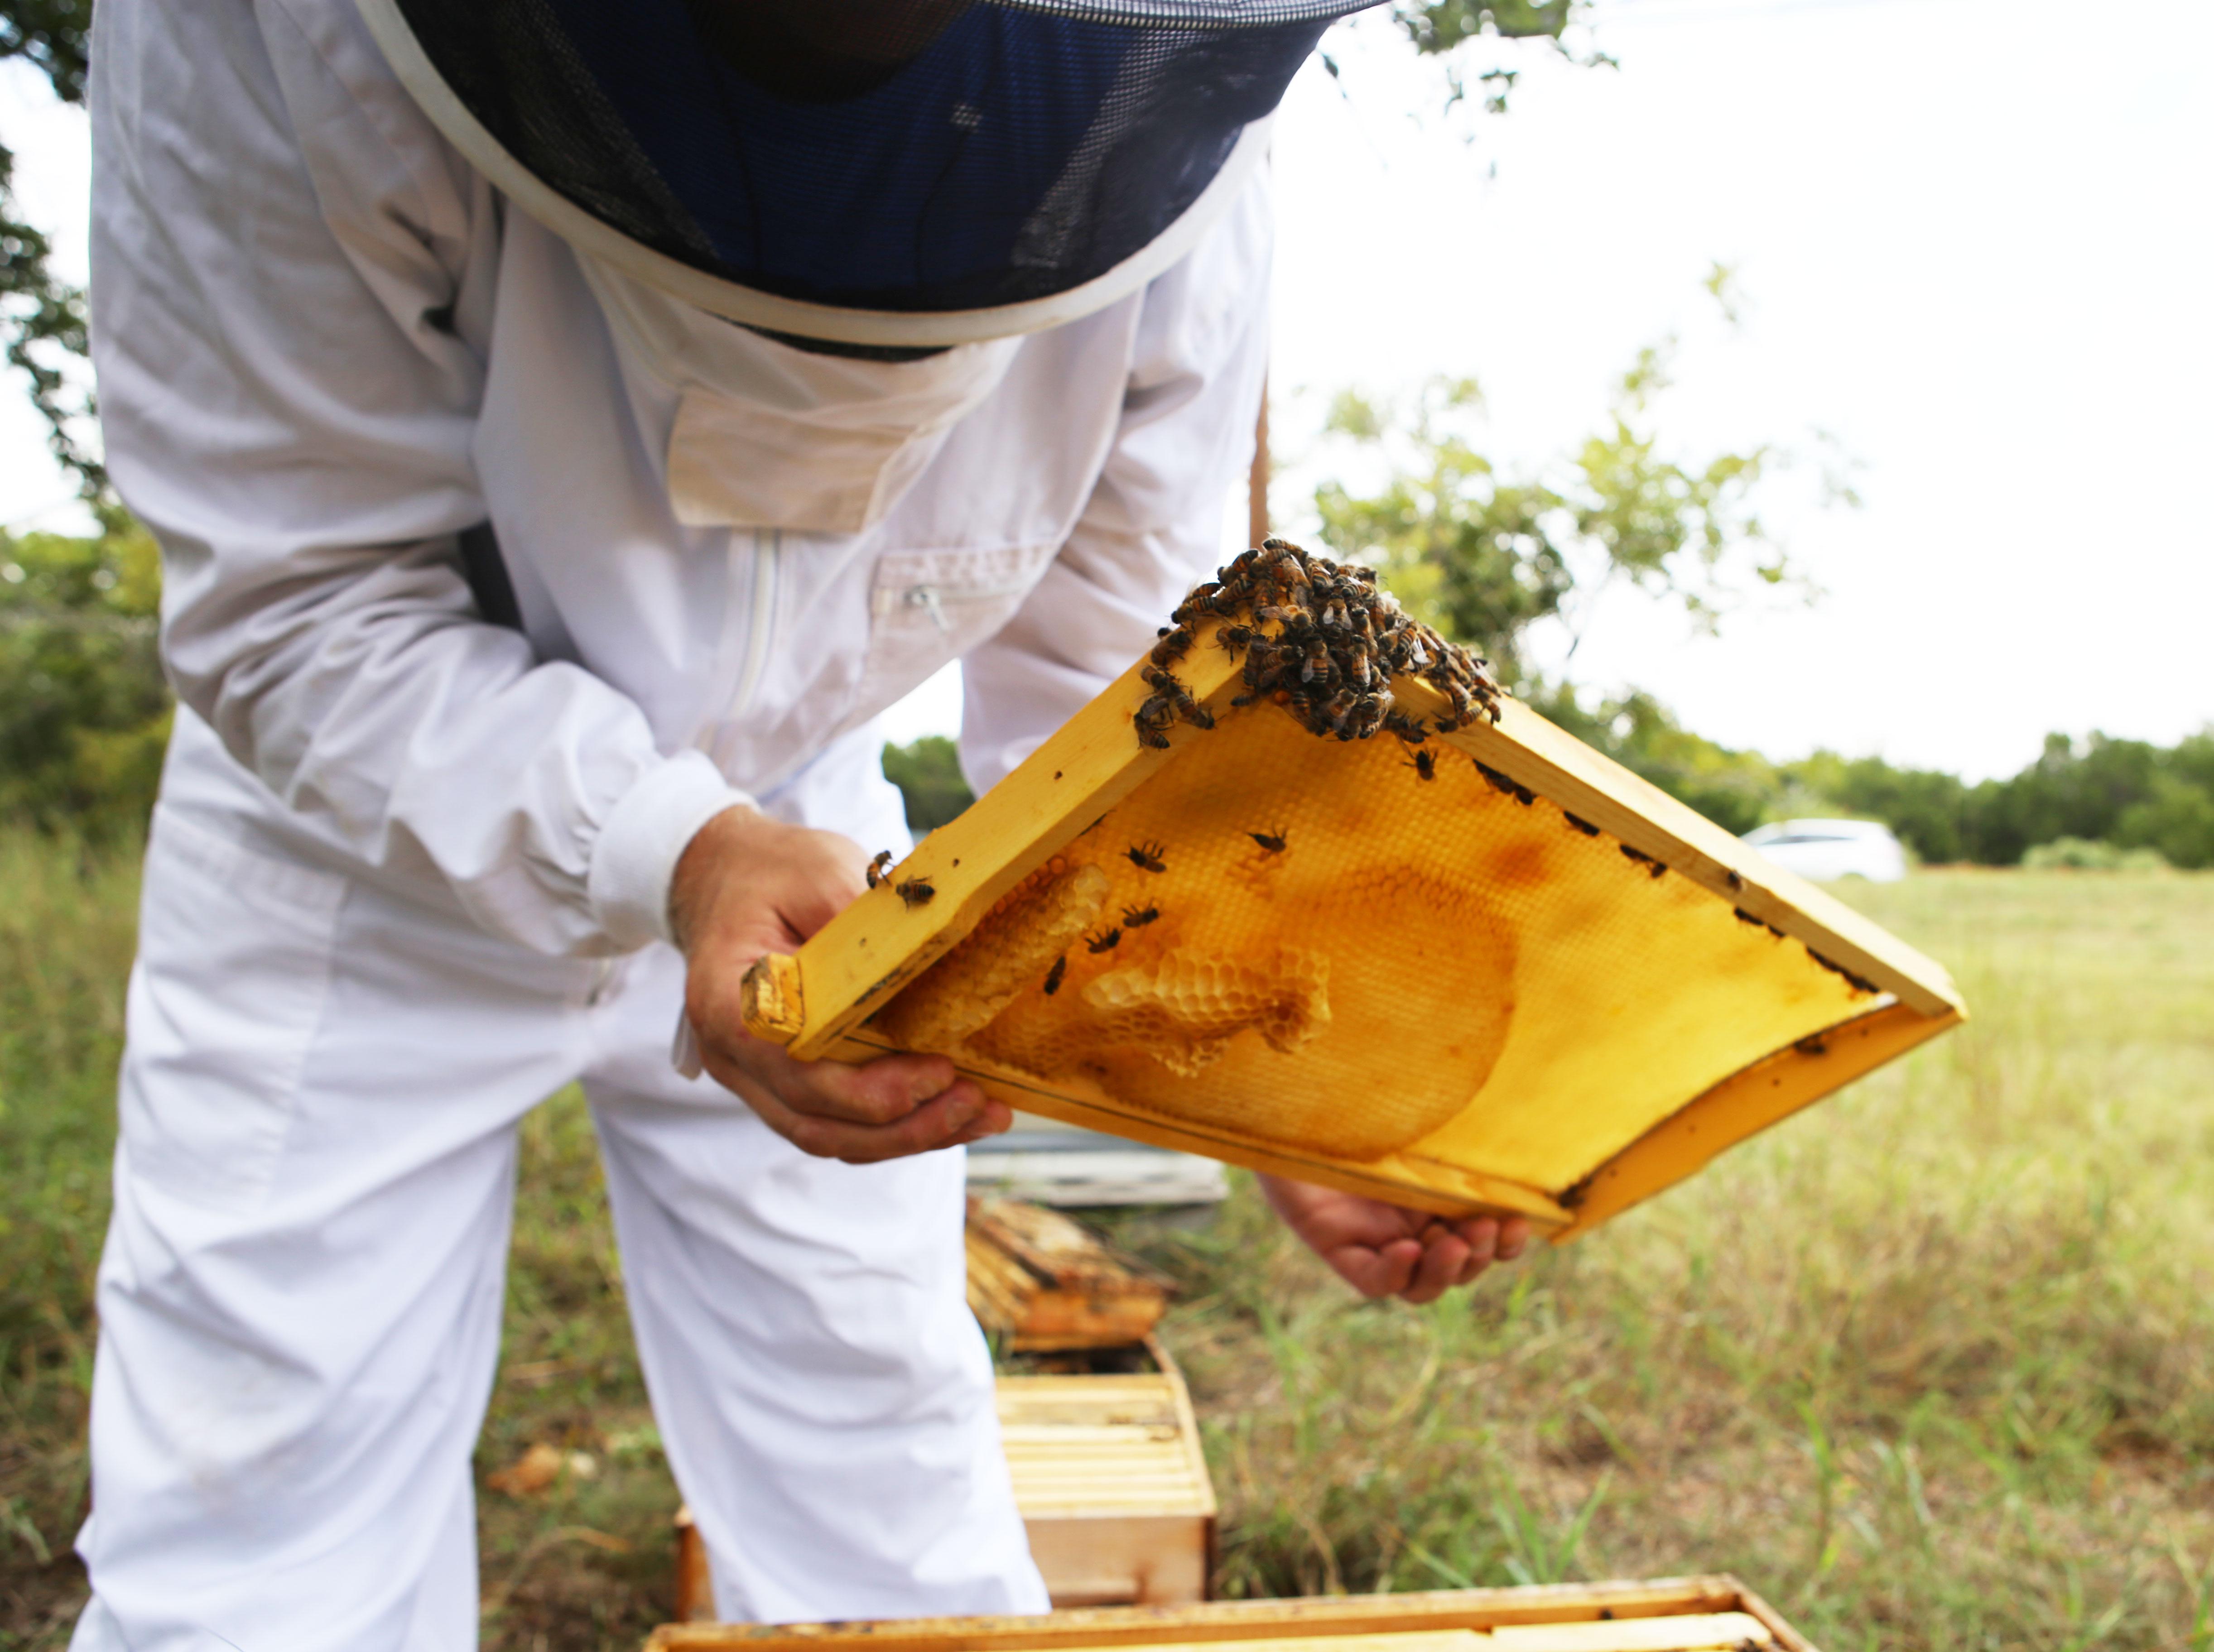 Beesuit